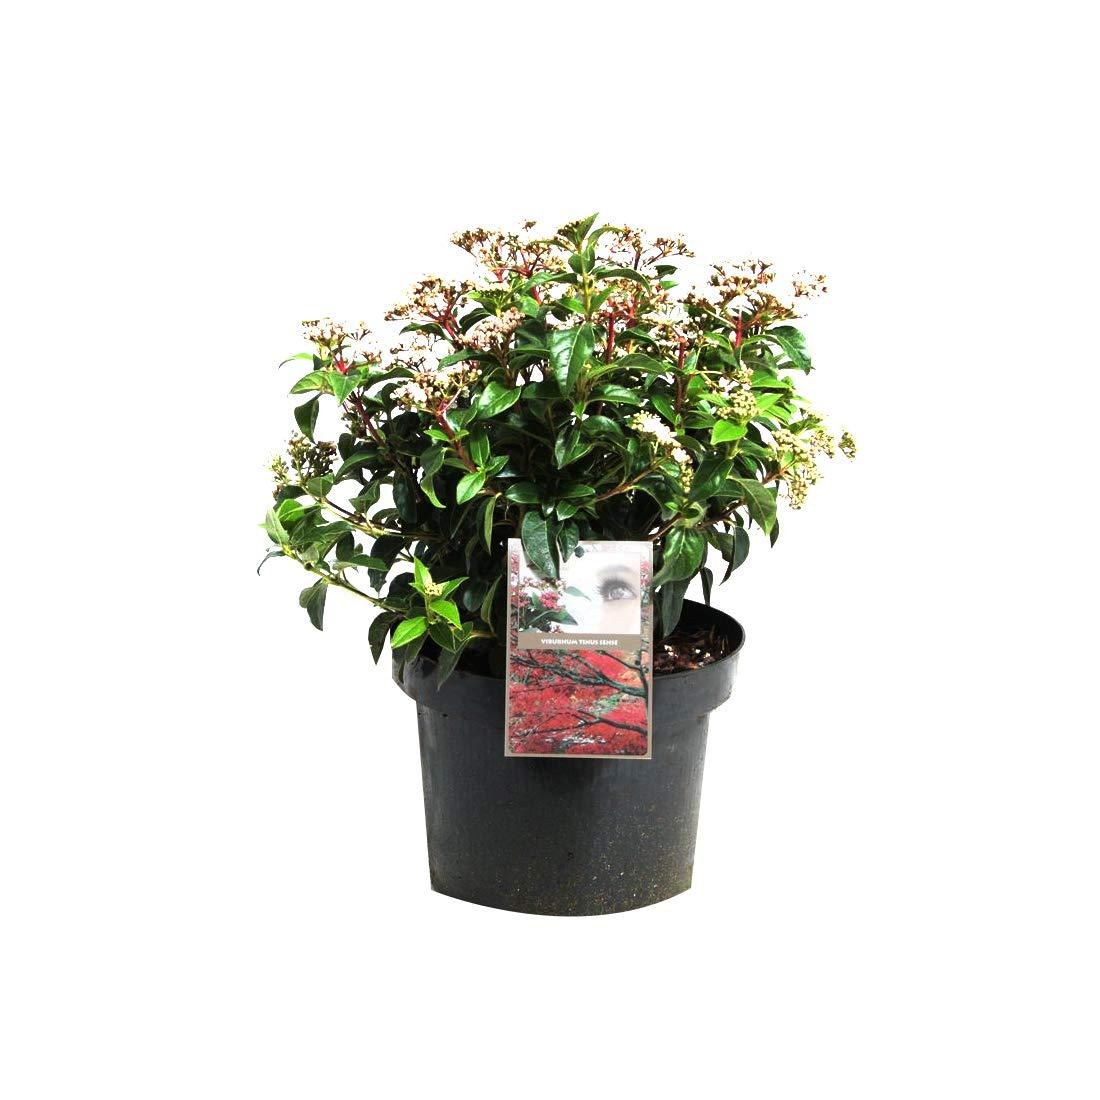 Viburnum Tinus Viorne tin;Laurier tin 50-60 cm en conteneur